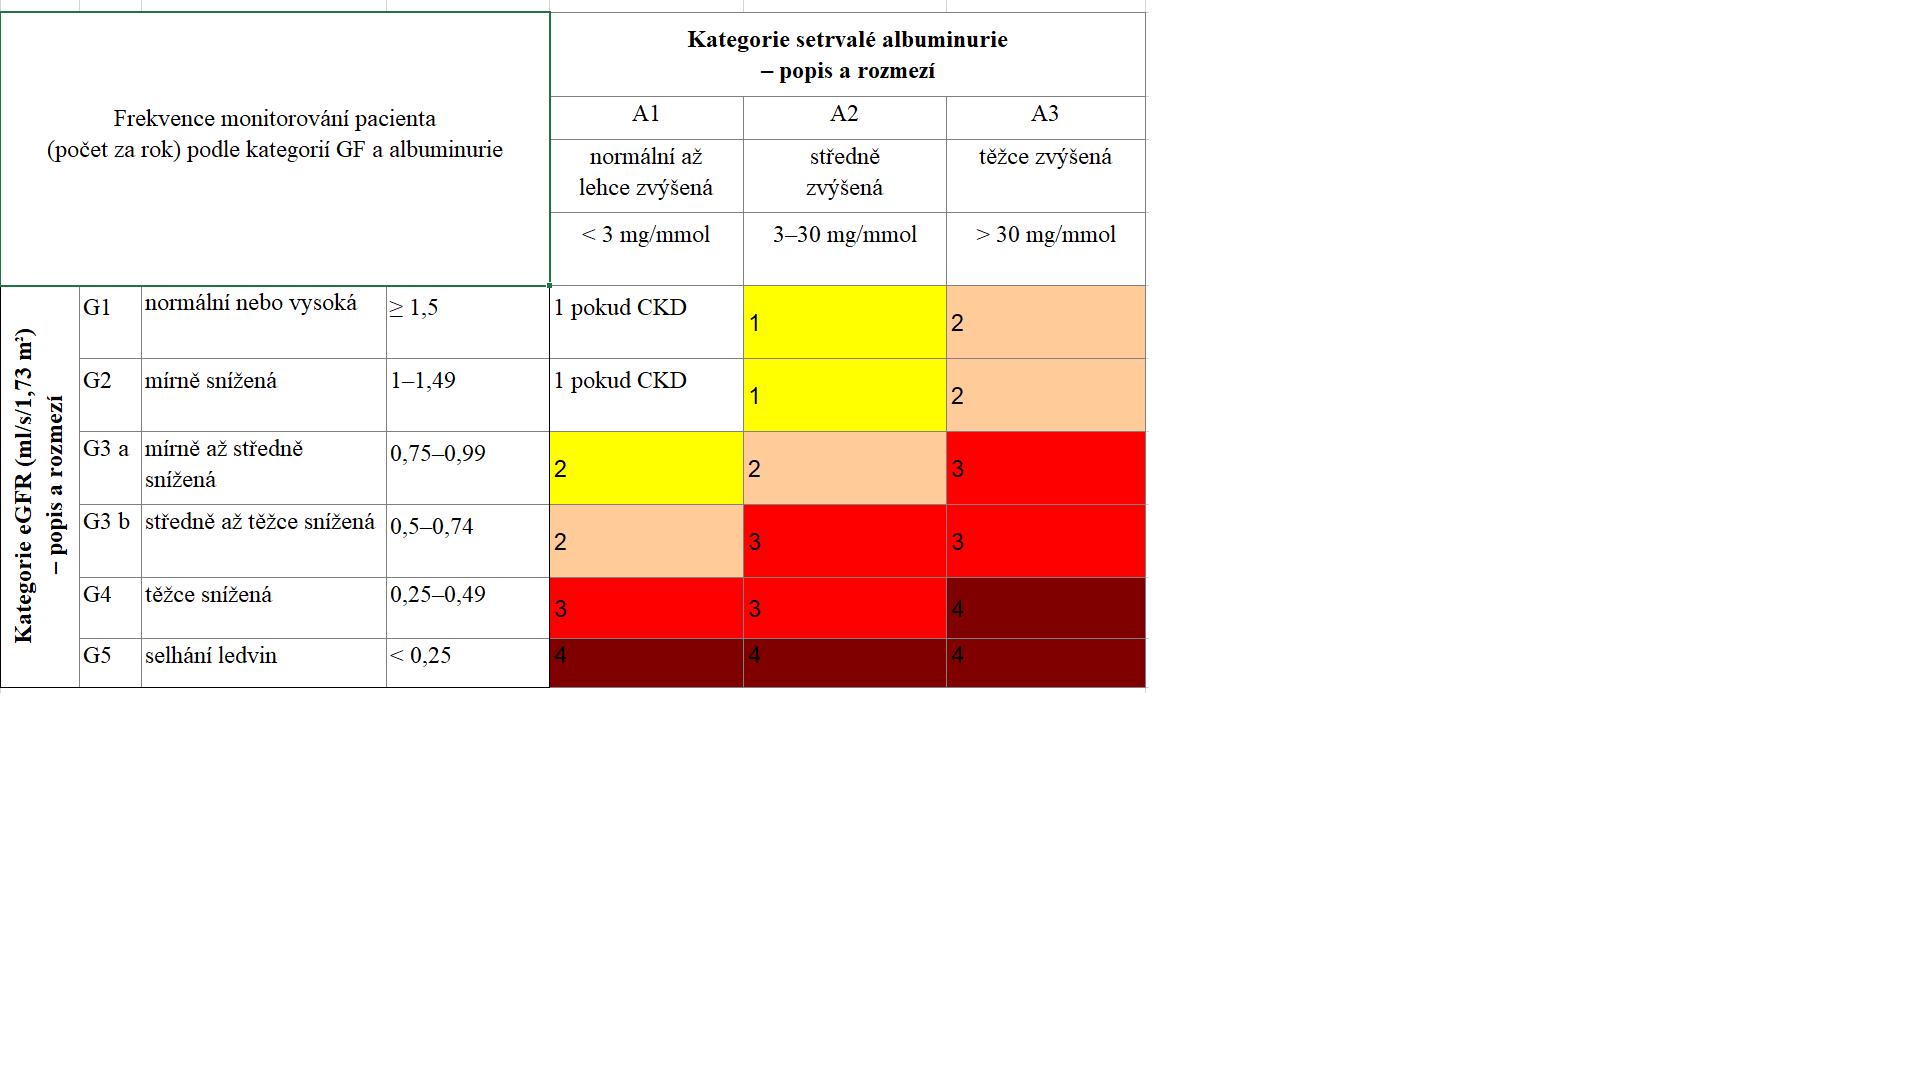 Frekvence klinických kontrol u pacientů s renální insuficiencí